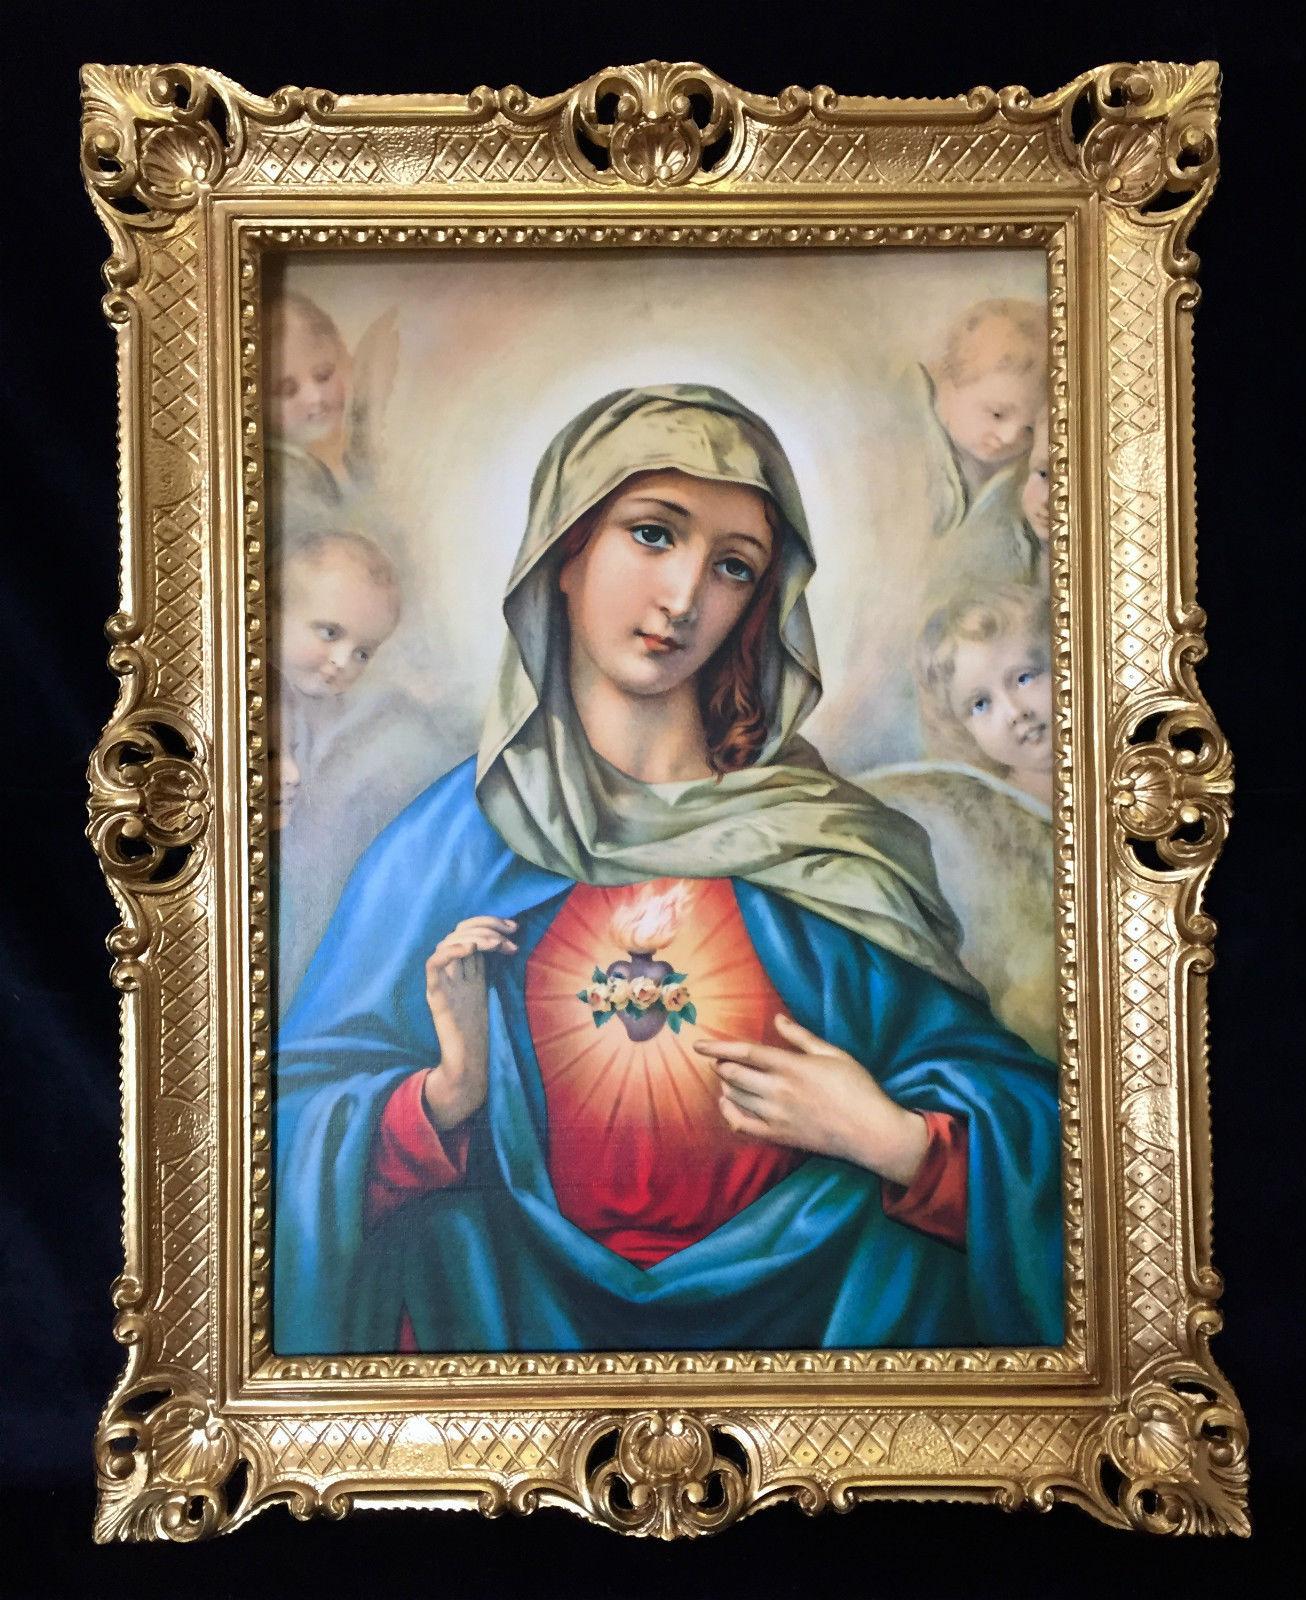 Maria bild religi se heiligen bild madonna gerahmte for Spiegel 70x90